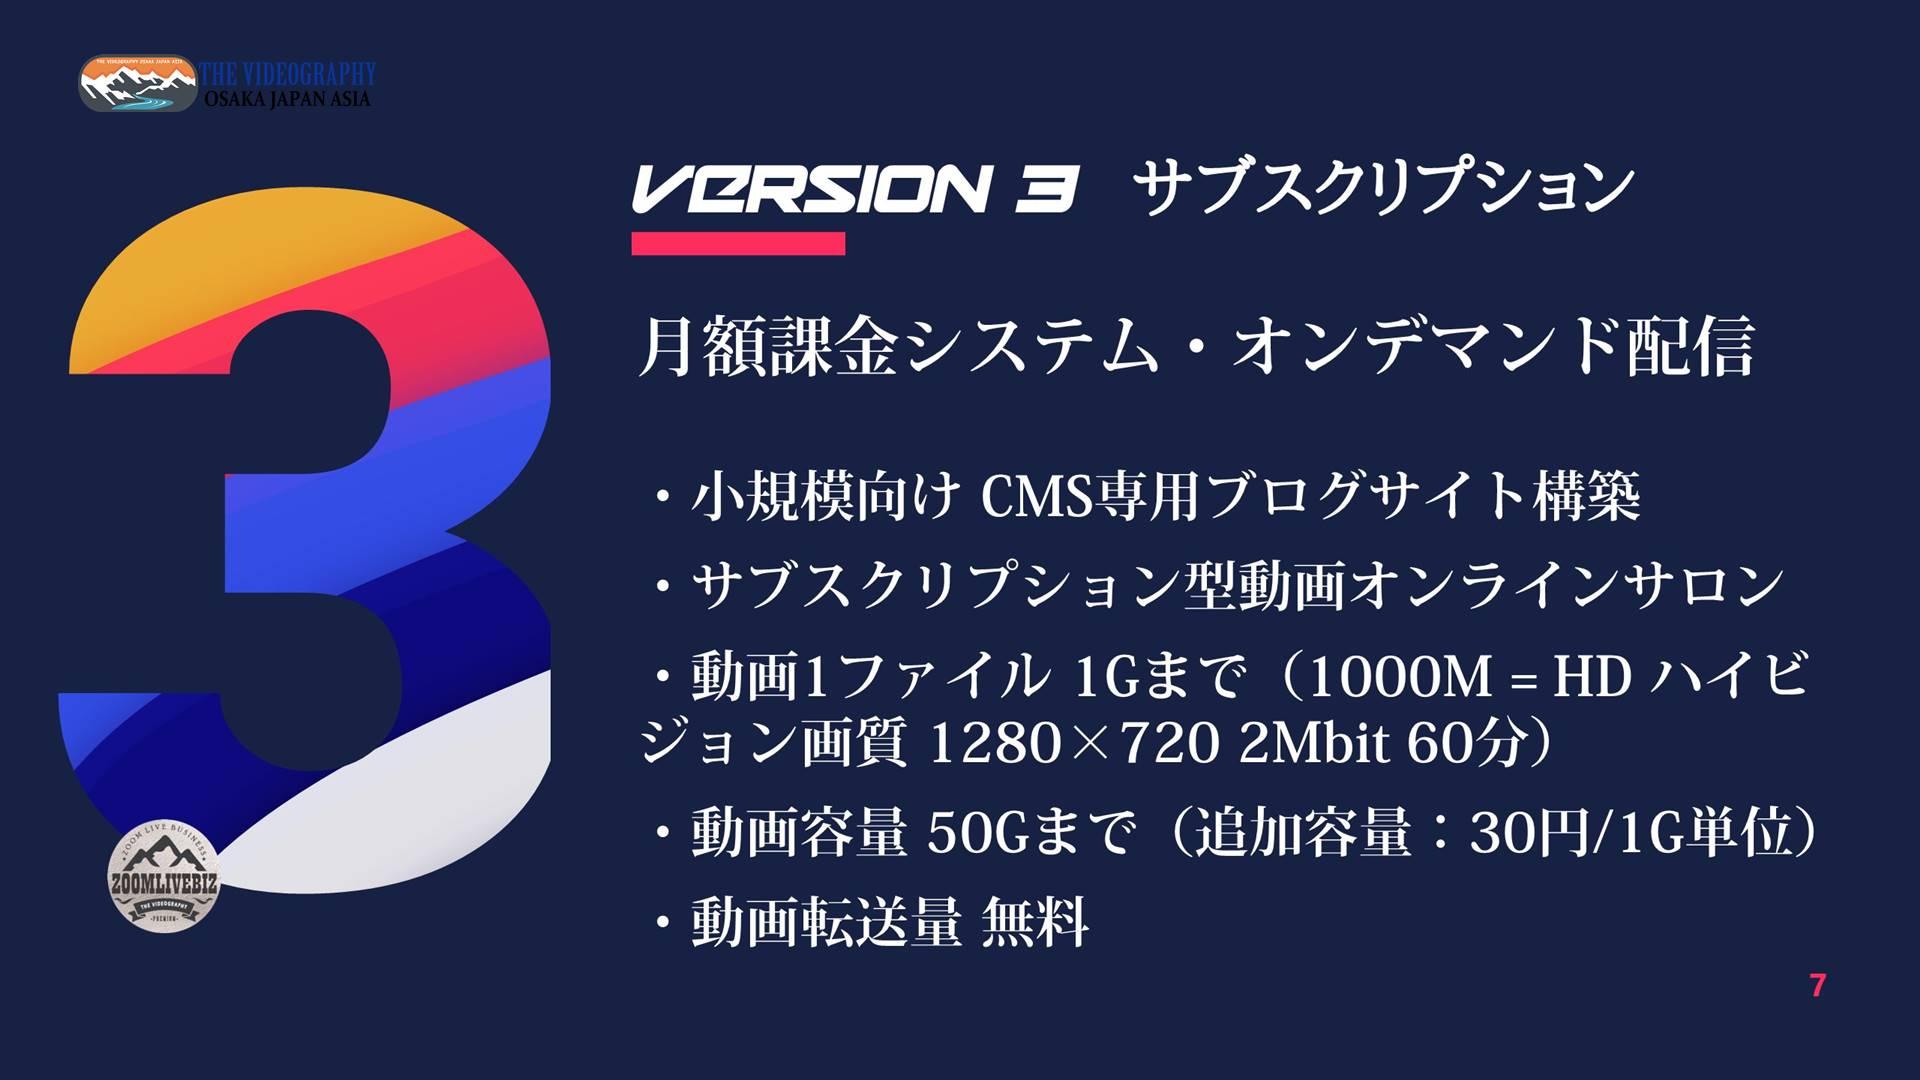 ZOOM SUB ZOOM SUBSCRIPTION サブスクリプション 月額課金 ZOOMウェブサイト。 ・CMS専用ブログサイト構築 ・月額課金ウェブサイト(動画オンデマンド配信オンラインサロン) ・動画1ファイル 1Gまで(1000M = HD ハイビジョン画質 1280×720 2Mbit 60分) ・動画容量 50Gまで(追加容量:30円/1G単位) ・動画転送量 無料 ※小規模向け THE VIDEOGRAPHY OSAKA, JAPAN, ASIA / ビデオグラフィ 大阪市 東京都 横浜市 名古屋市 神戸市 京都市 奈良市 福岡市 広島市 日本 アジア。 ビデオグラフィ - 映像制作 ビデオ撮影 映像編集 プロモーションビデオ YouTube動画 PV PR映像 ライブ配信/動画ストリーミング配信代行 ネット番組制作 イベントDVD作成 動画コマース/デジタル動画マーケティング フォトスライドショー/フォトムービー作成 Produced by Videographer/ビデオグラファー・Video Journalist ビデオジャーナリスト 映像クリエイター 動画エディター。 ダンス発表会 ピアノ演奏会 舞台 演劇 ミュージカル セミナー 講演会 インタビュー 運動会 スポーツイベント ライブ プロダクトローンチやブランディング動画 プレゼンテーションのプロモーション用YouTube動画制作から、幼稚園 小学校の入学式 卒業式や音楽ライブの映像制作/出張ビデオ撮影を承ります。 結婚式(挙式 披露宴 二次会 パーティー)のプロフィールムービー オープニングビデオ 生い立ち動画 サプライズビデオレター 余興ムービーや誕生日など各イベント用写真スライドショー動画制作/映像編集なども対応致します。 【対応エリアは47都道府県】 東京都 大阪府大阪市 神奈川県横浜市 千葉県 愛知県名古屋市 北海道札幌市 福岡県博多市 青森県 岩手県盛岡市 宮城県仙台市 秋田県 山形県 福島県 茨城県水戸市 栃木県宇都宮市 群馬県前橋市 埼玉県 新潟県 富山県 石川県金沢市 福井県 山梨県 長野県松本市 岐阜県 静岡県 三重県津市 滋賀県大津市 京都府京都市 兵庫県神戸市 奈良県 和歌山県 鳥取県 島根県松江市 岡山県 広島県 山口県 徳島県徳島市 香川県高松市 愛媛県松山市 高知県高知市 佐賀県 長崎県 熊本県 大分県 宮崎県 鹿児島県 沖縄県那覇市 石垣島 西表島 八重山諸島